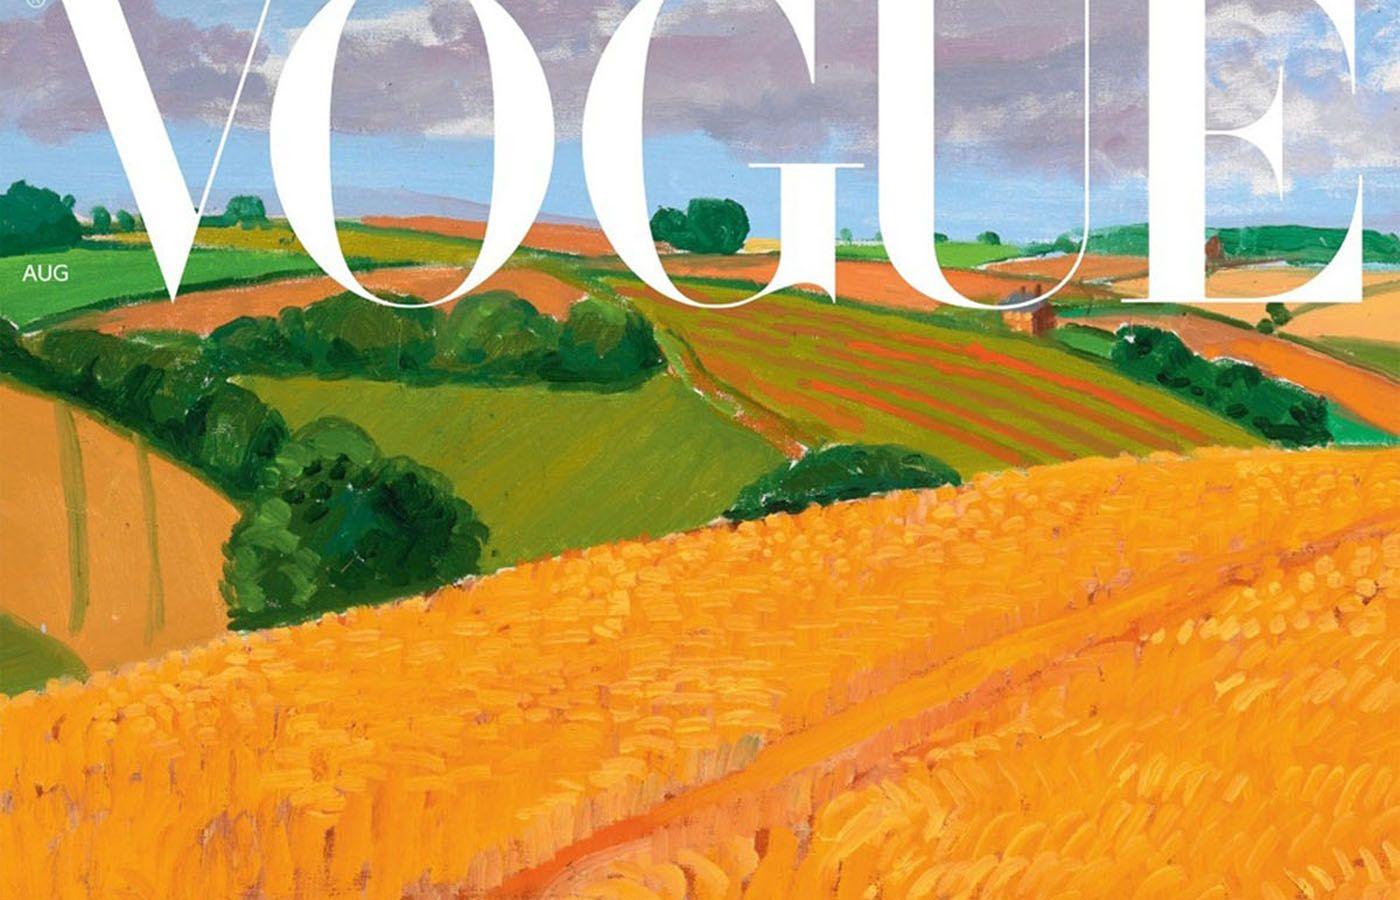 Ο David Hockney φιλοτεχνεί το εξώφυλλο της Βρετανικής Vogue και κάνει Reset στη νέα εποχή